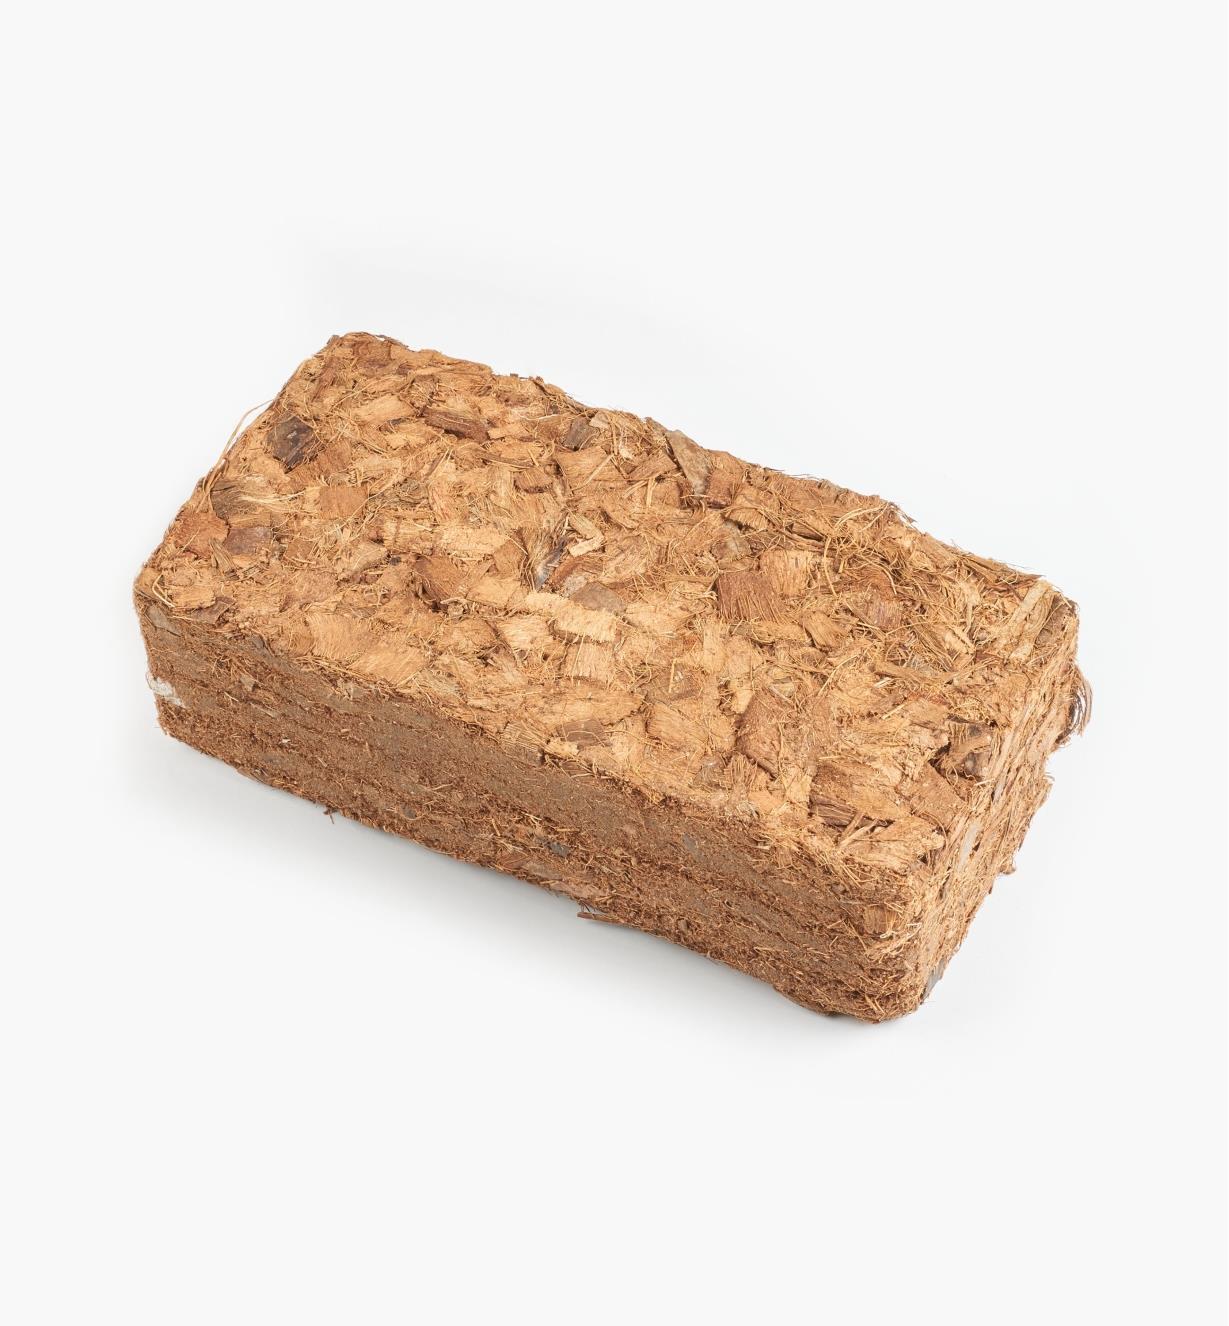 XB599 - Fragments d'écorce de noix de coco, 625g